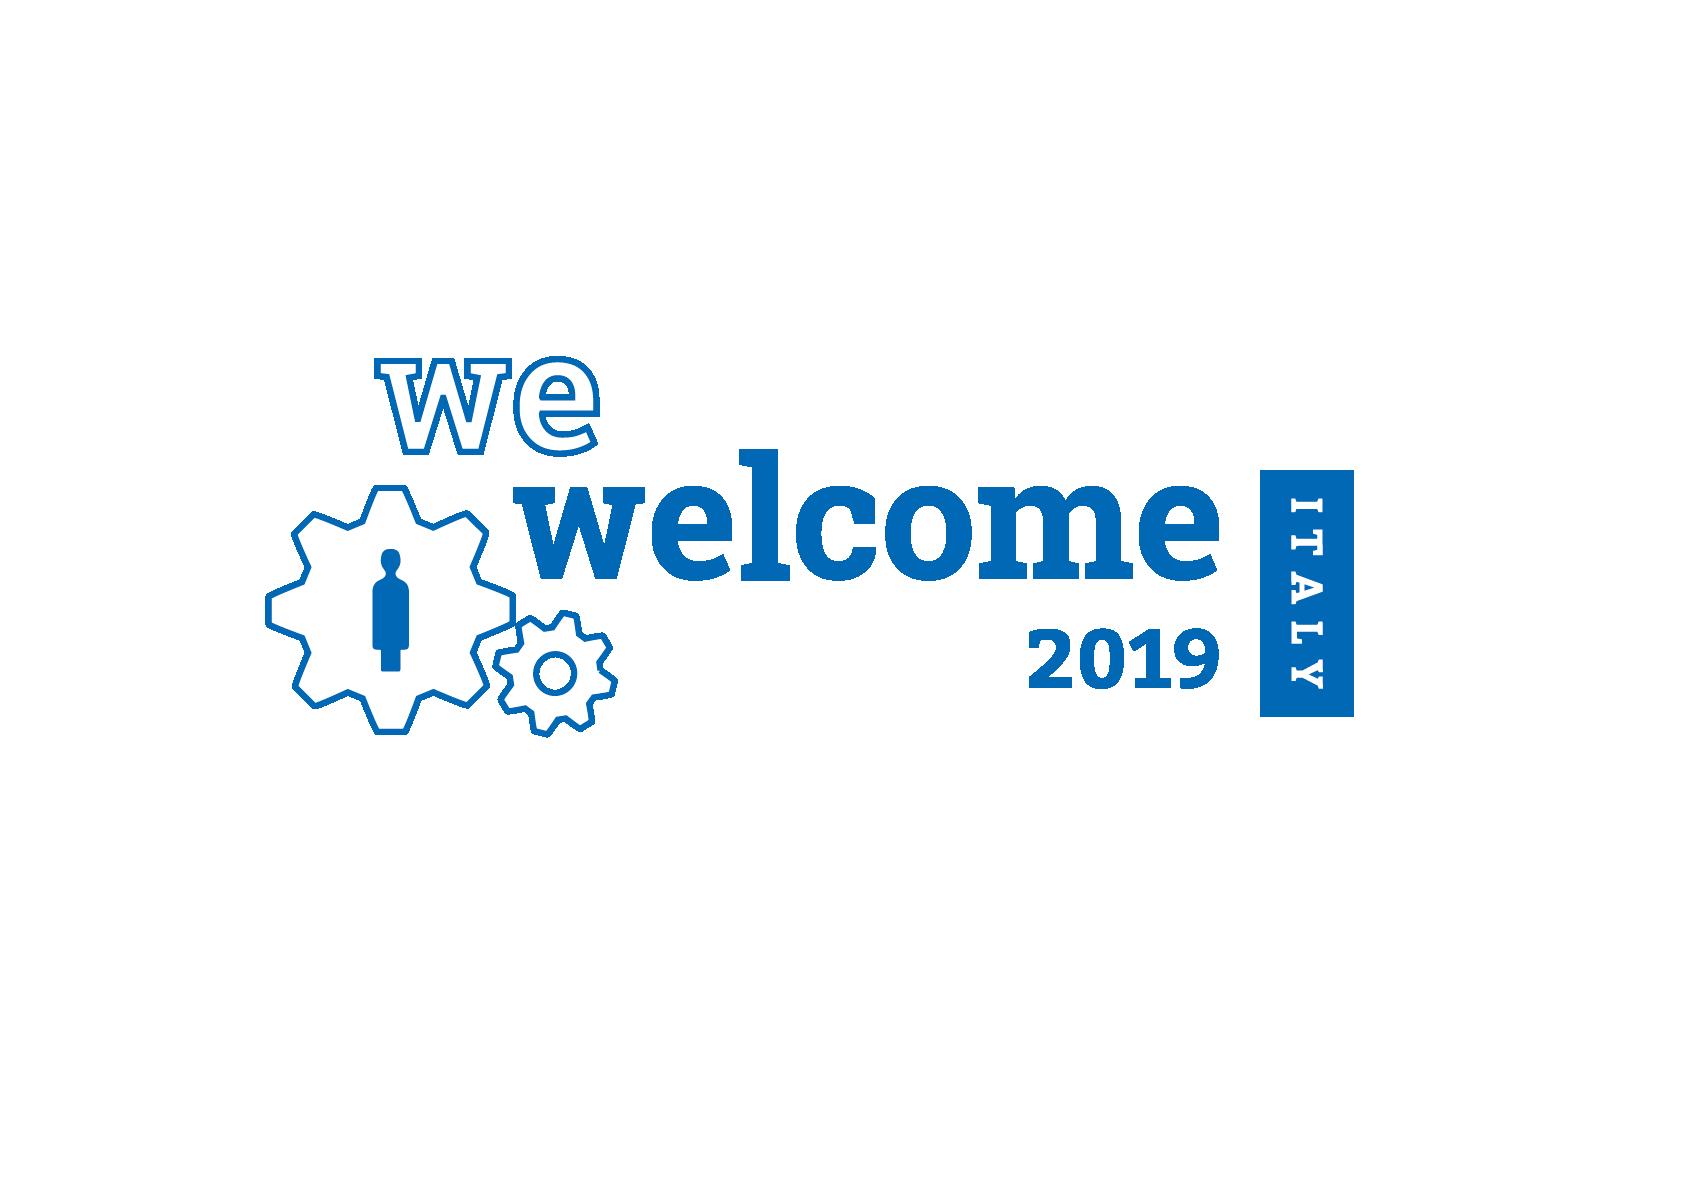 L'UNHCR conferisce il logo We Welcome all'Associazione Diakonia Onlus, premiato l'impegno per l'inserimento lavorativo dei rifugiati